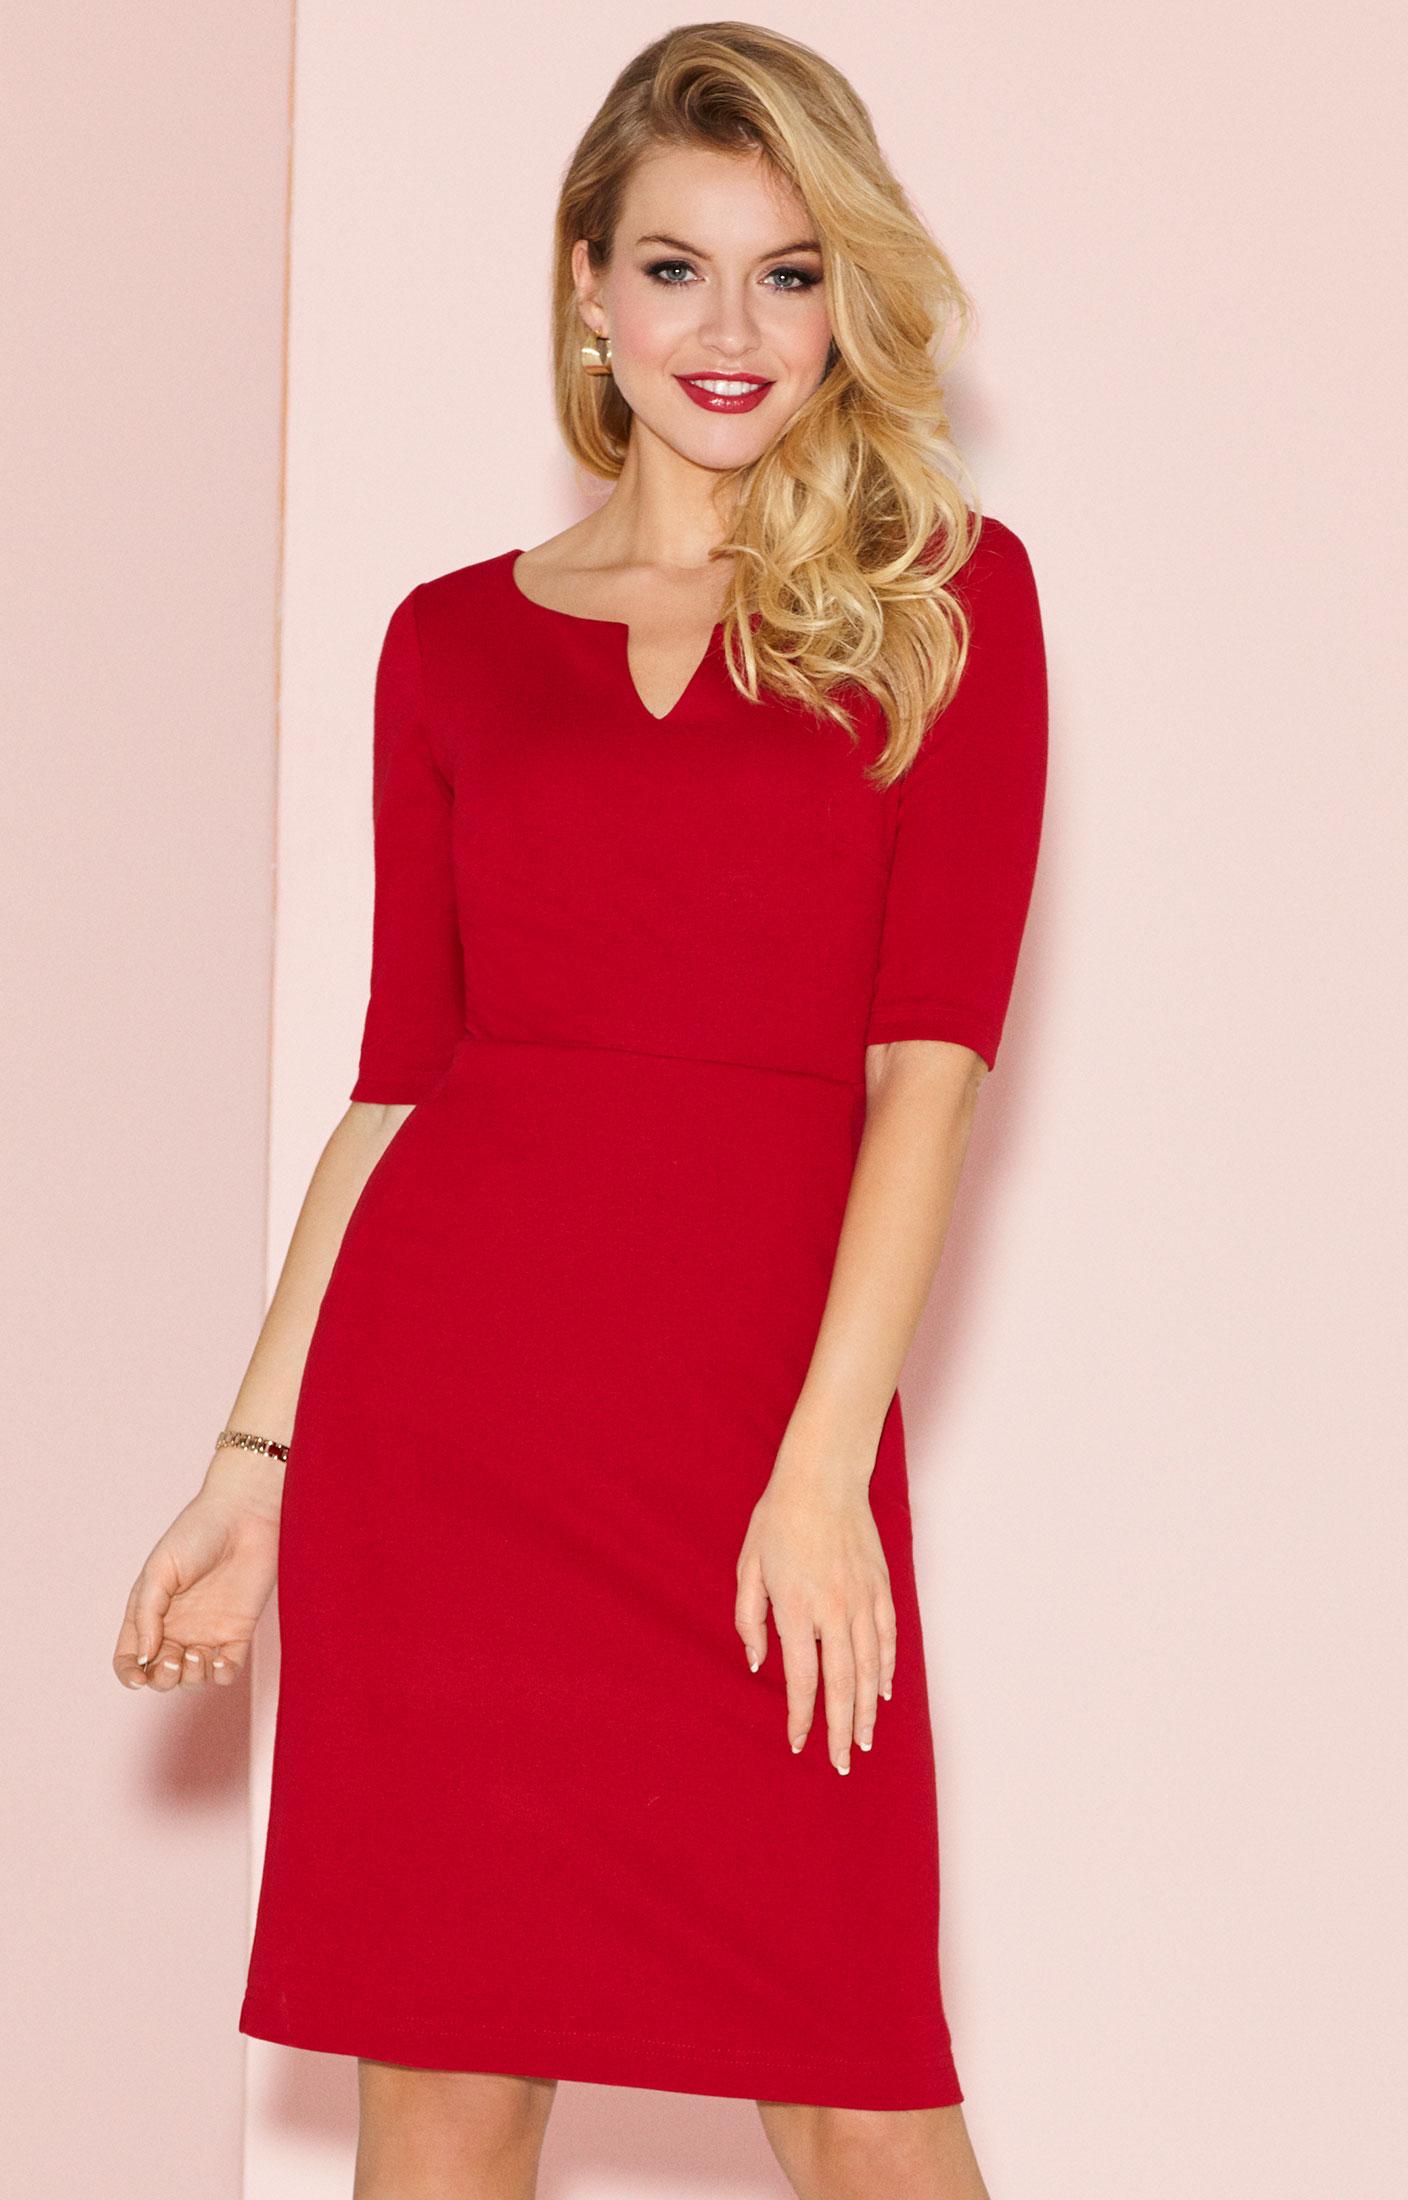 c006f3c8ed5f Robe habillée Morgan Piment Rouge - Robes de Mariée et Prêt-à-Porter ...